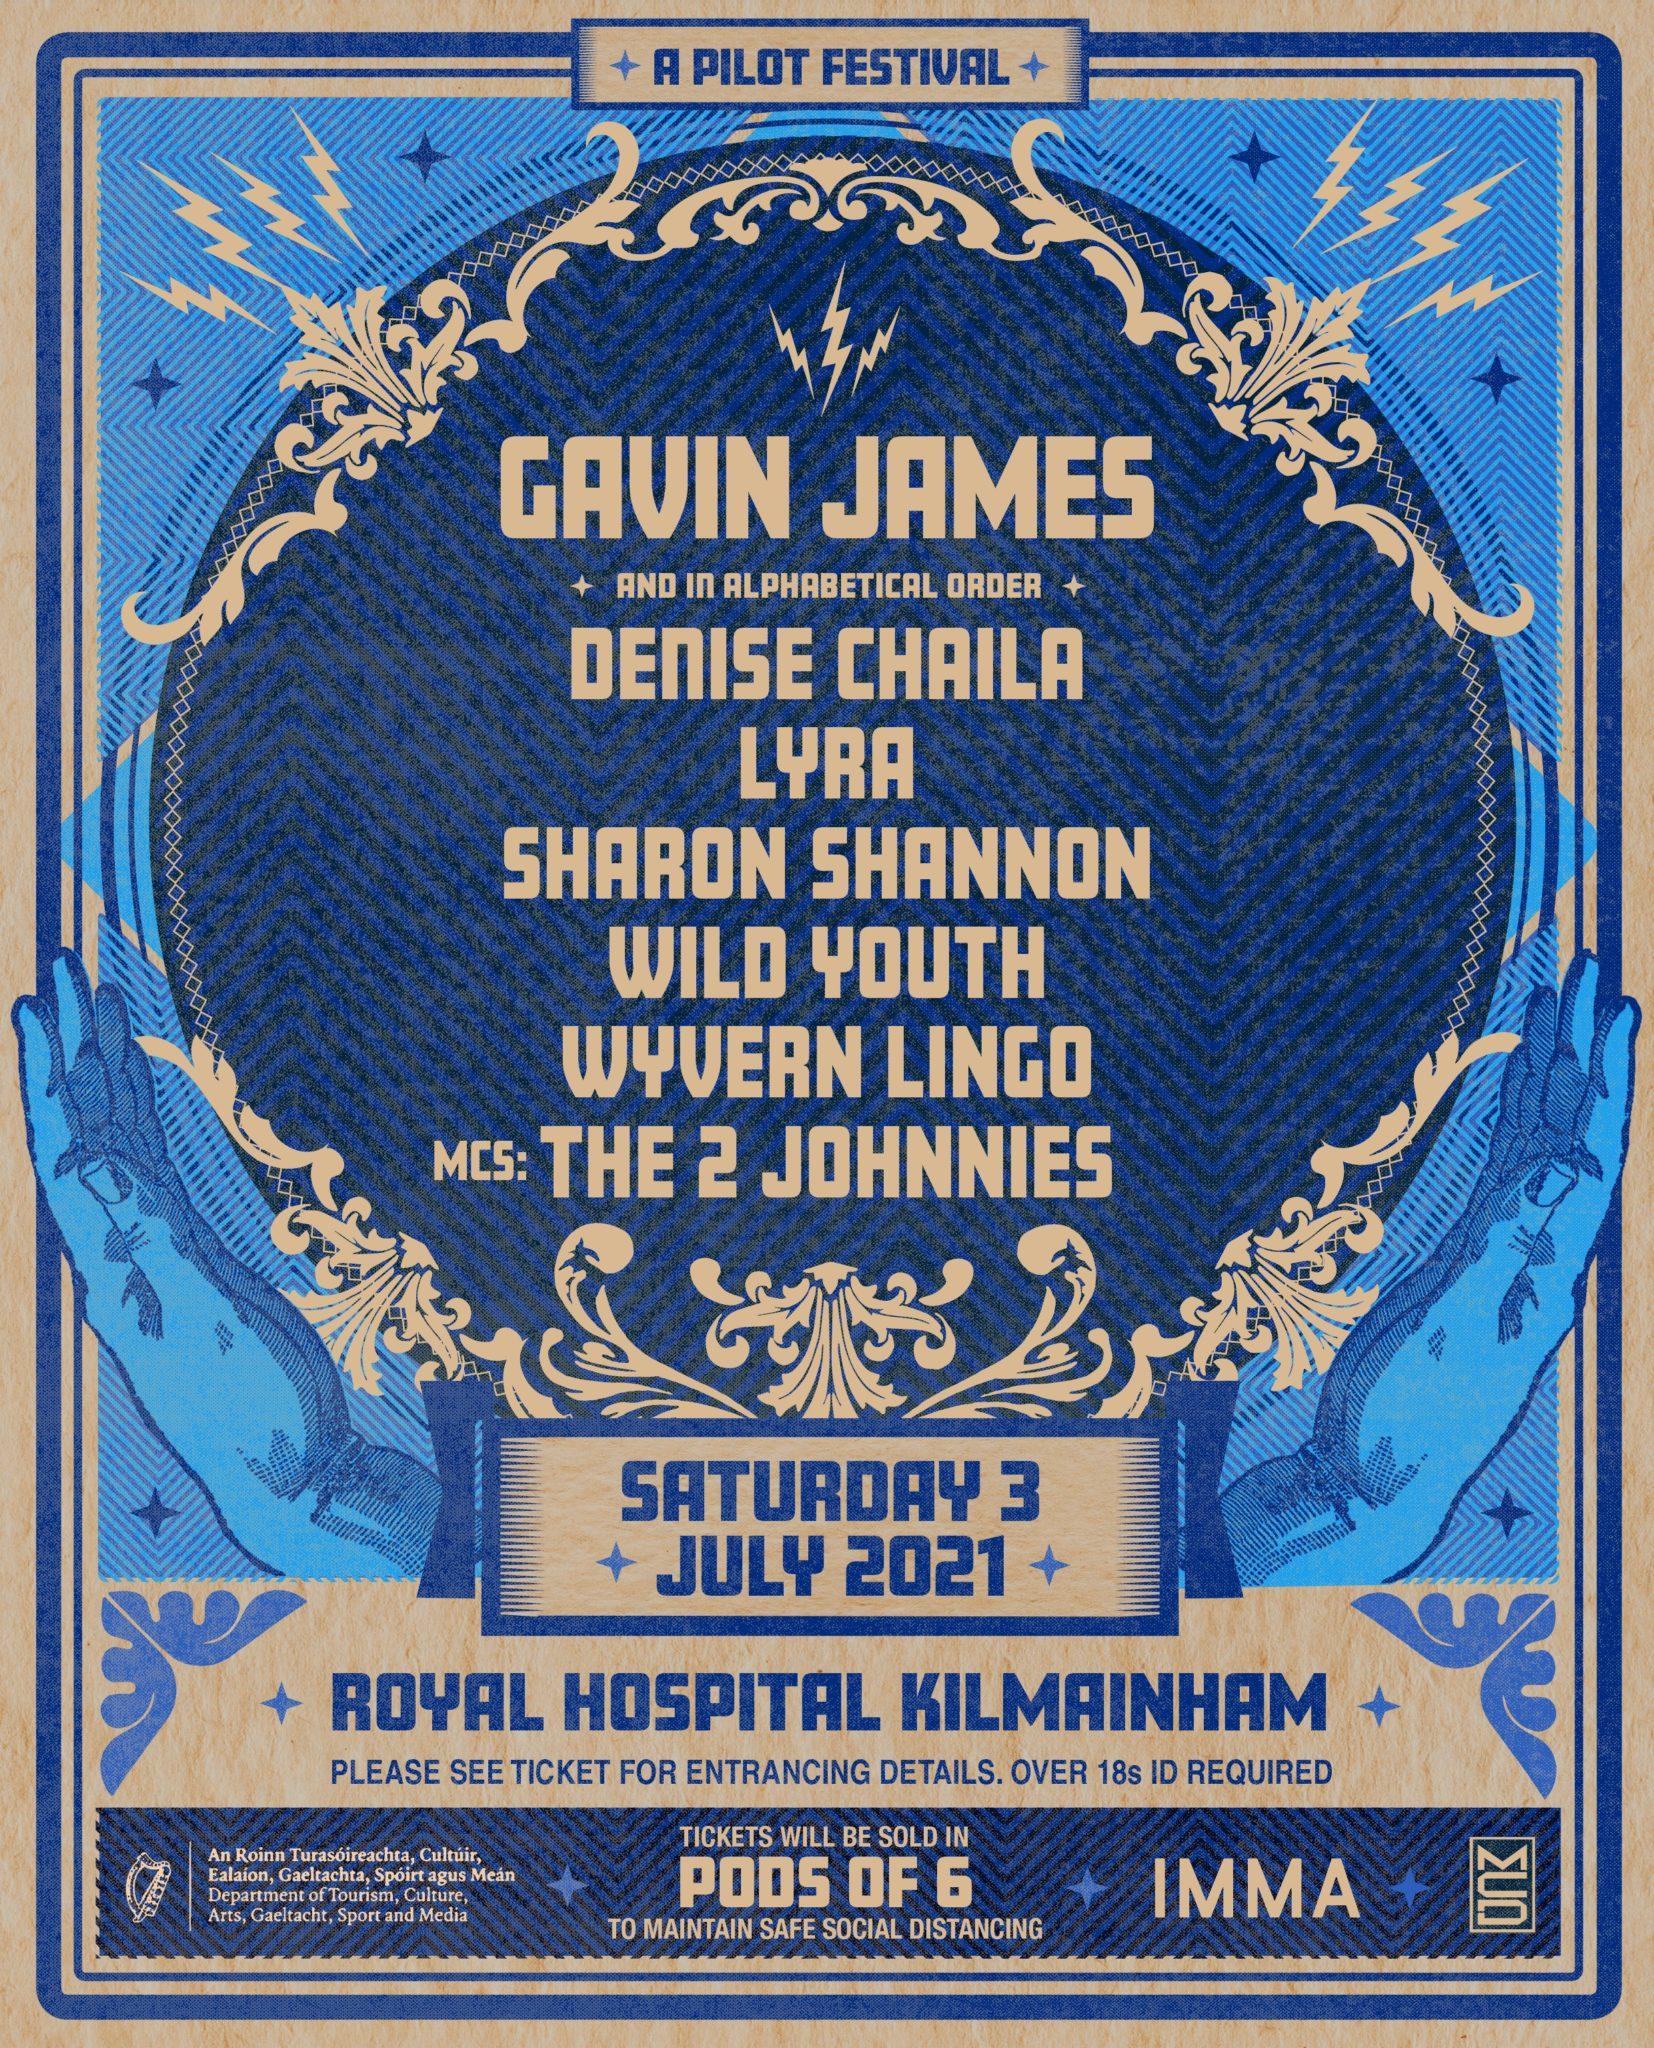 Gavin James To Headline Pilot Festival At Royal Hospital Kilmainham Next Month